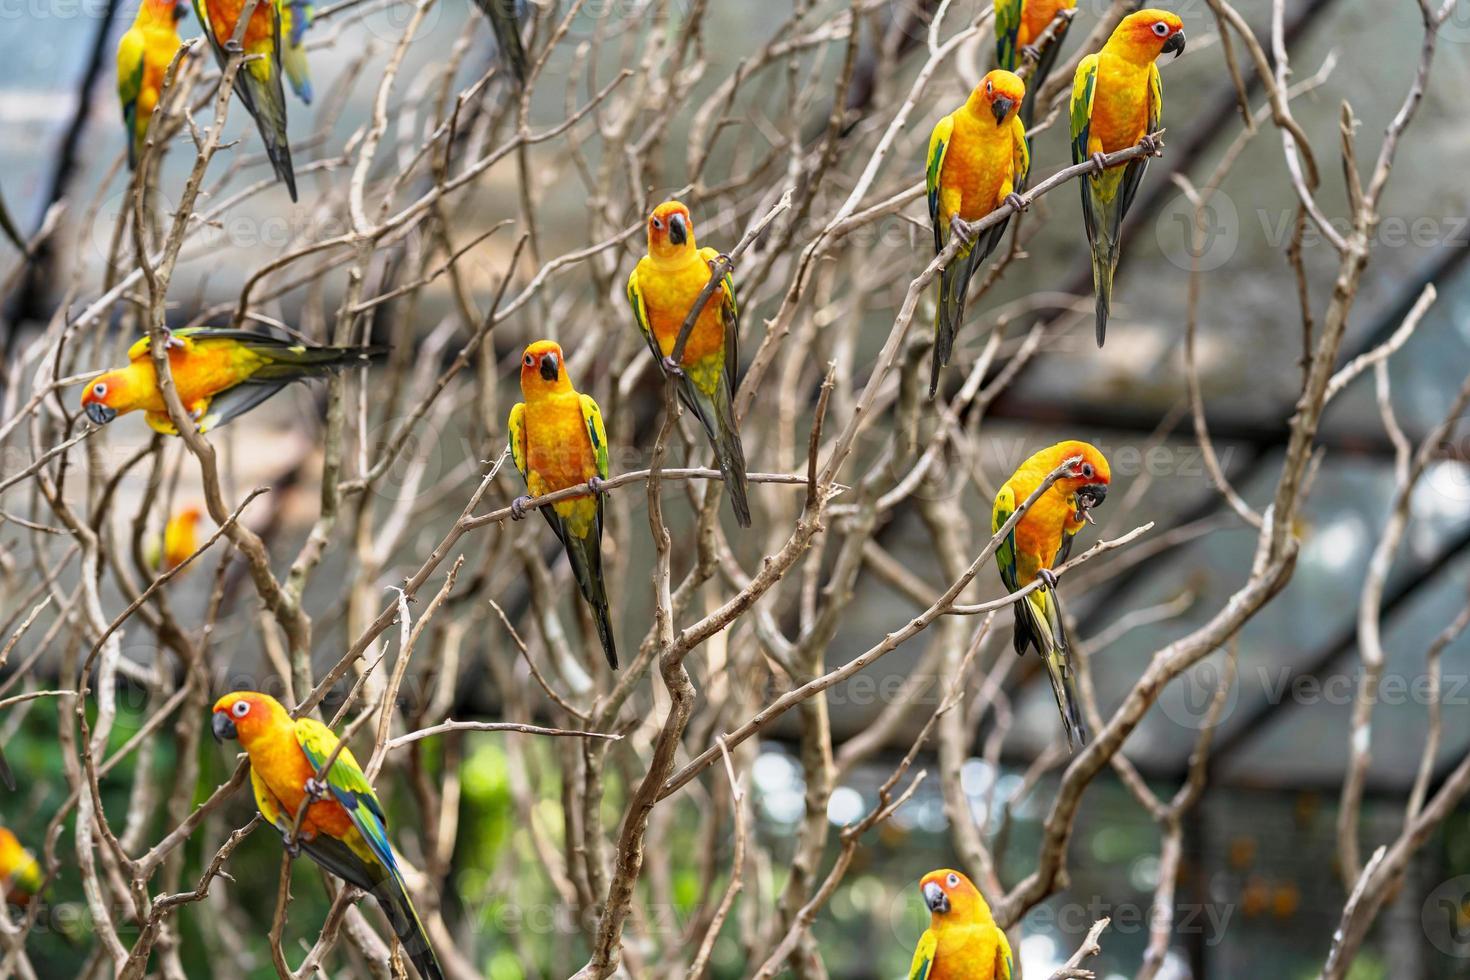 grupo de papagaios conure sol em uma árvore foto